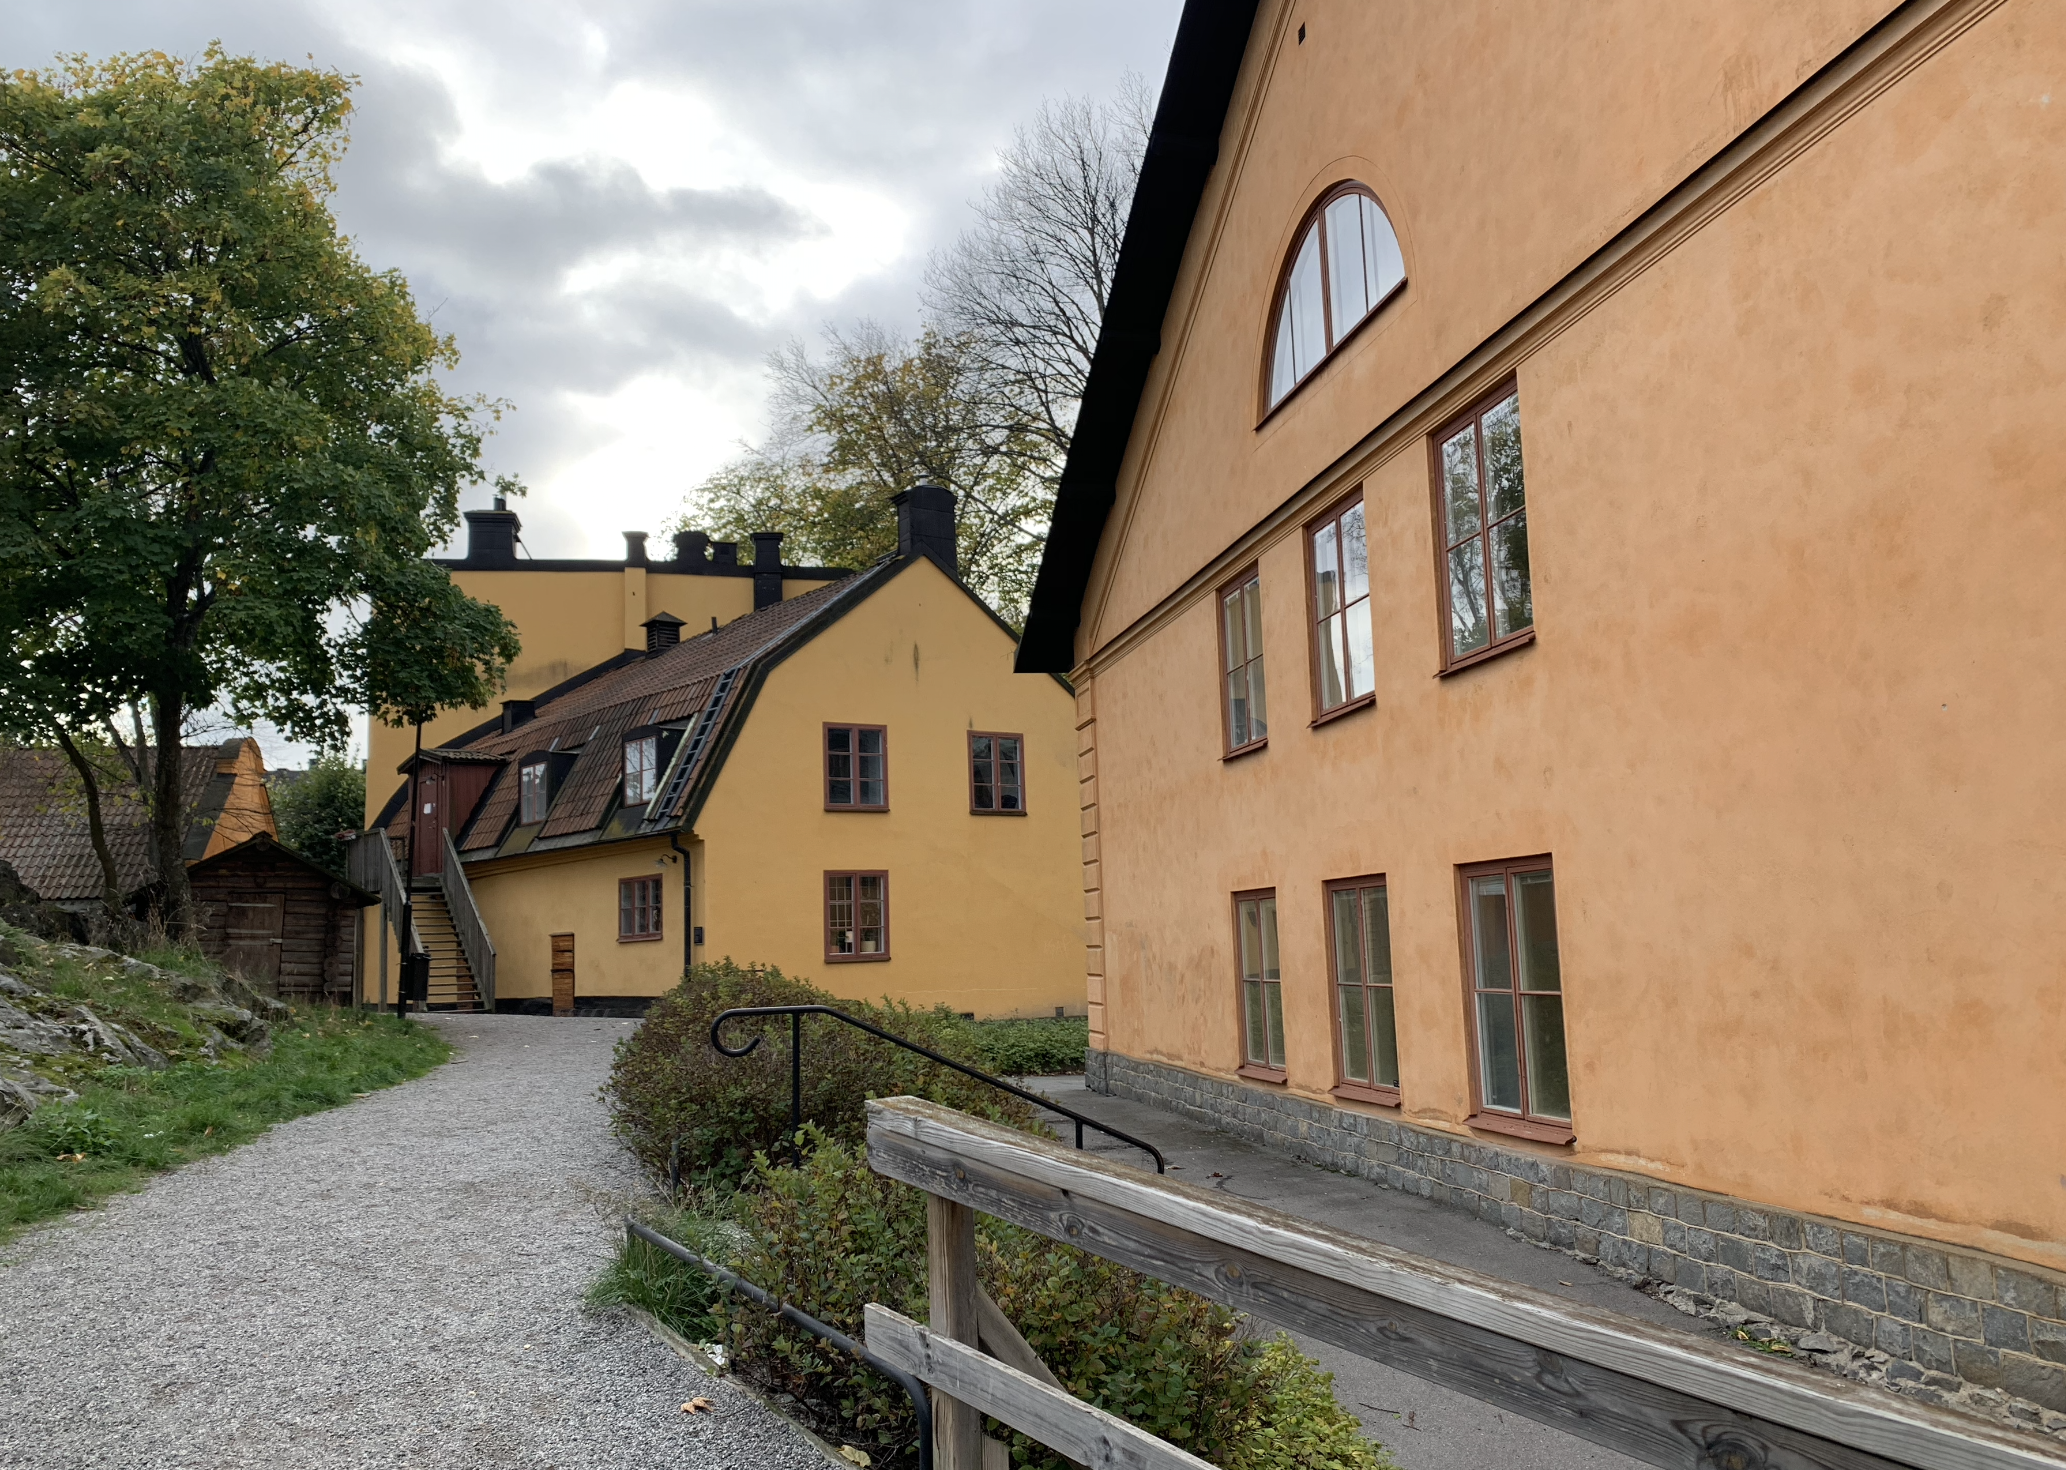 architecture typique dans le quartier d'ostermalm